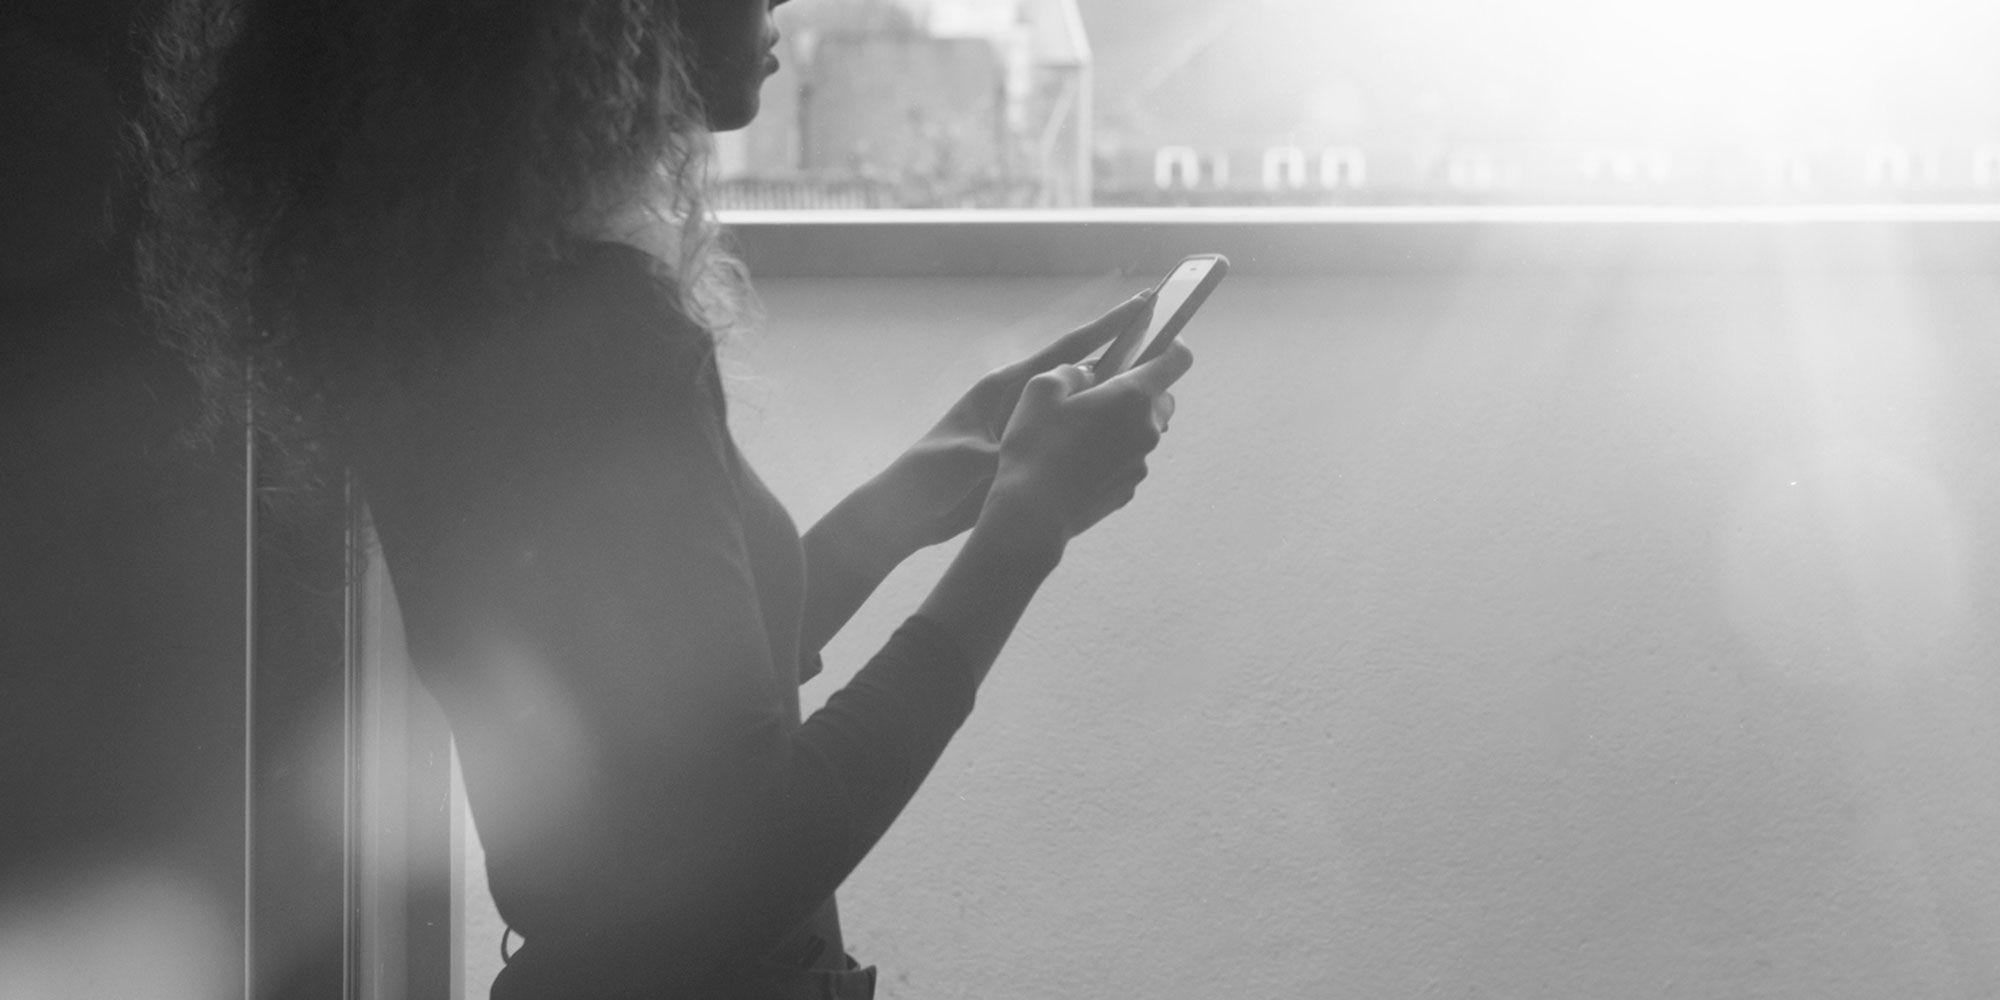 flirting vs cheating infidelity relationship stories full story